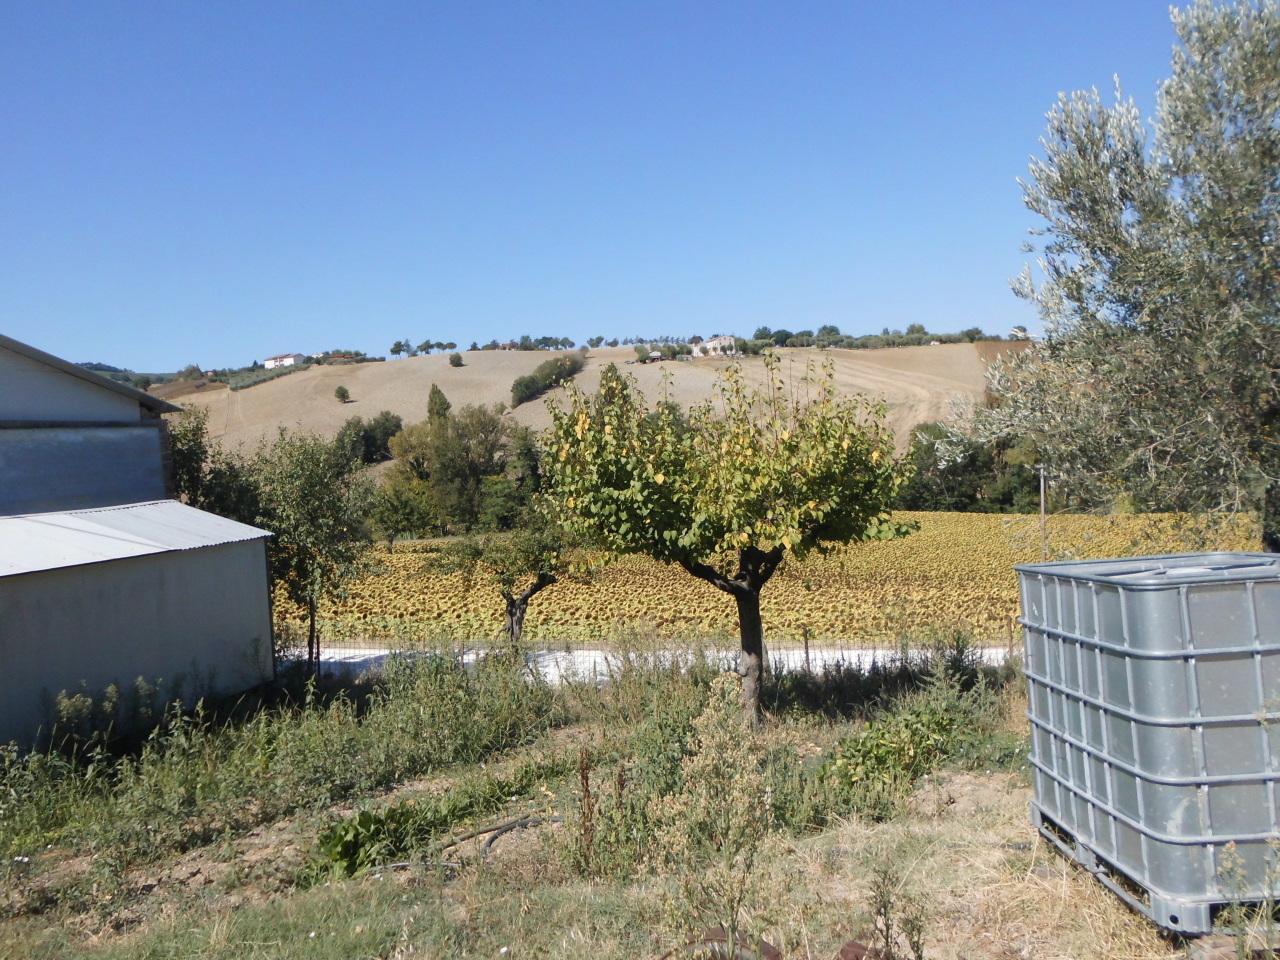 Terreno Agricolo in vendita a San Paolo di Jesi, 9999 locali, prezzo € 300.000 | CambioCasa.it